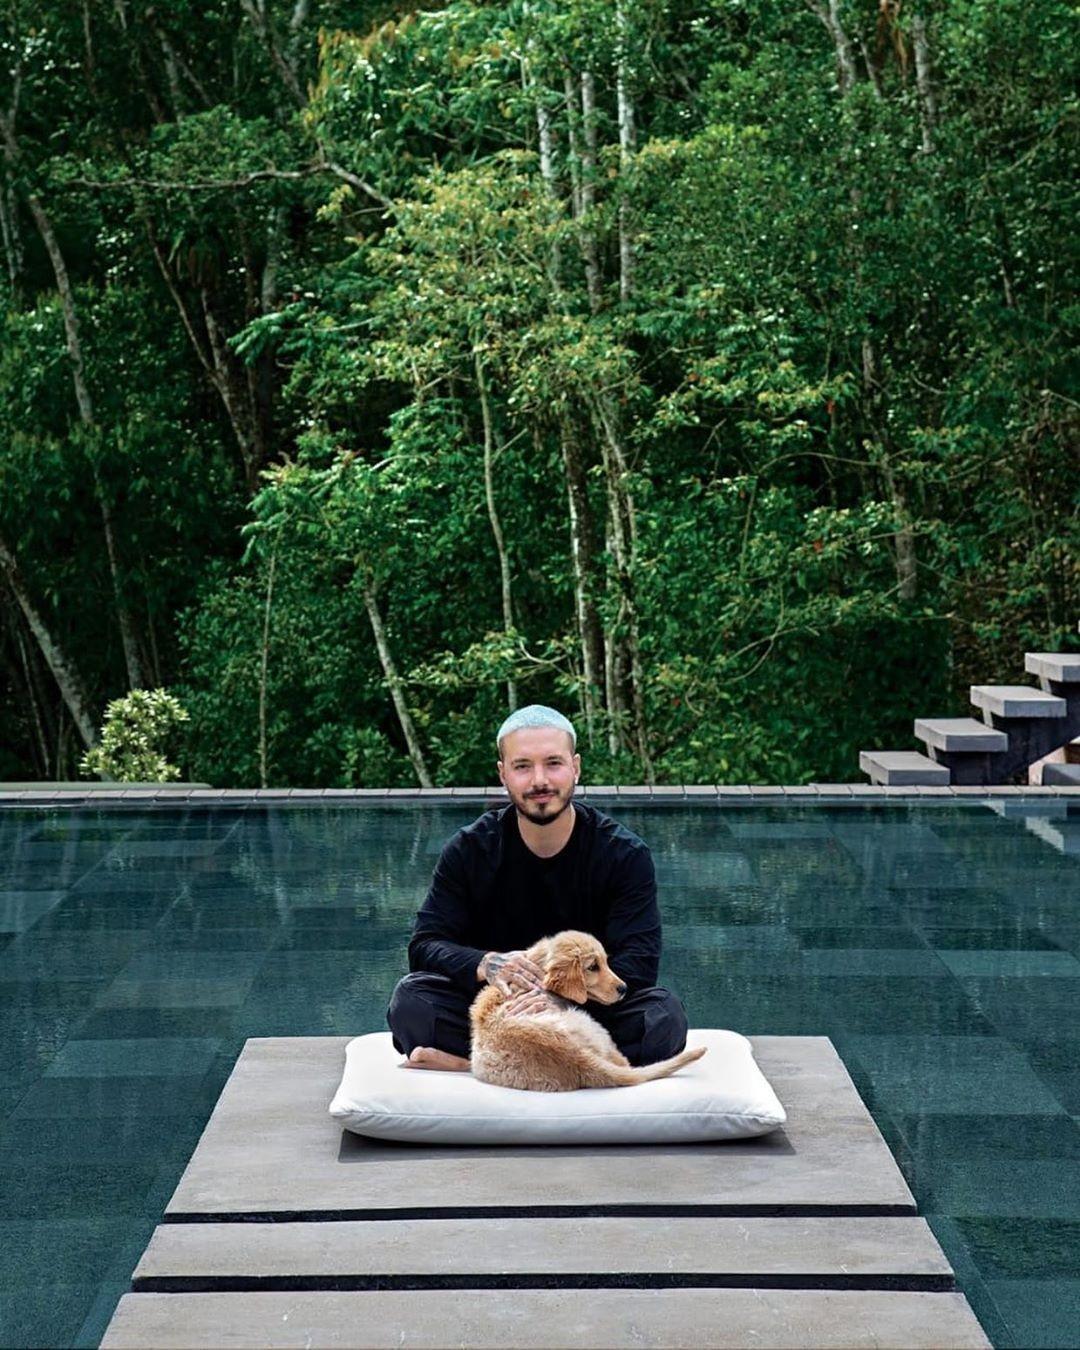 J Balvin apresenta tour por sua mansão minimalista em Medellín (Foto: Instagram)